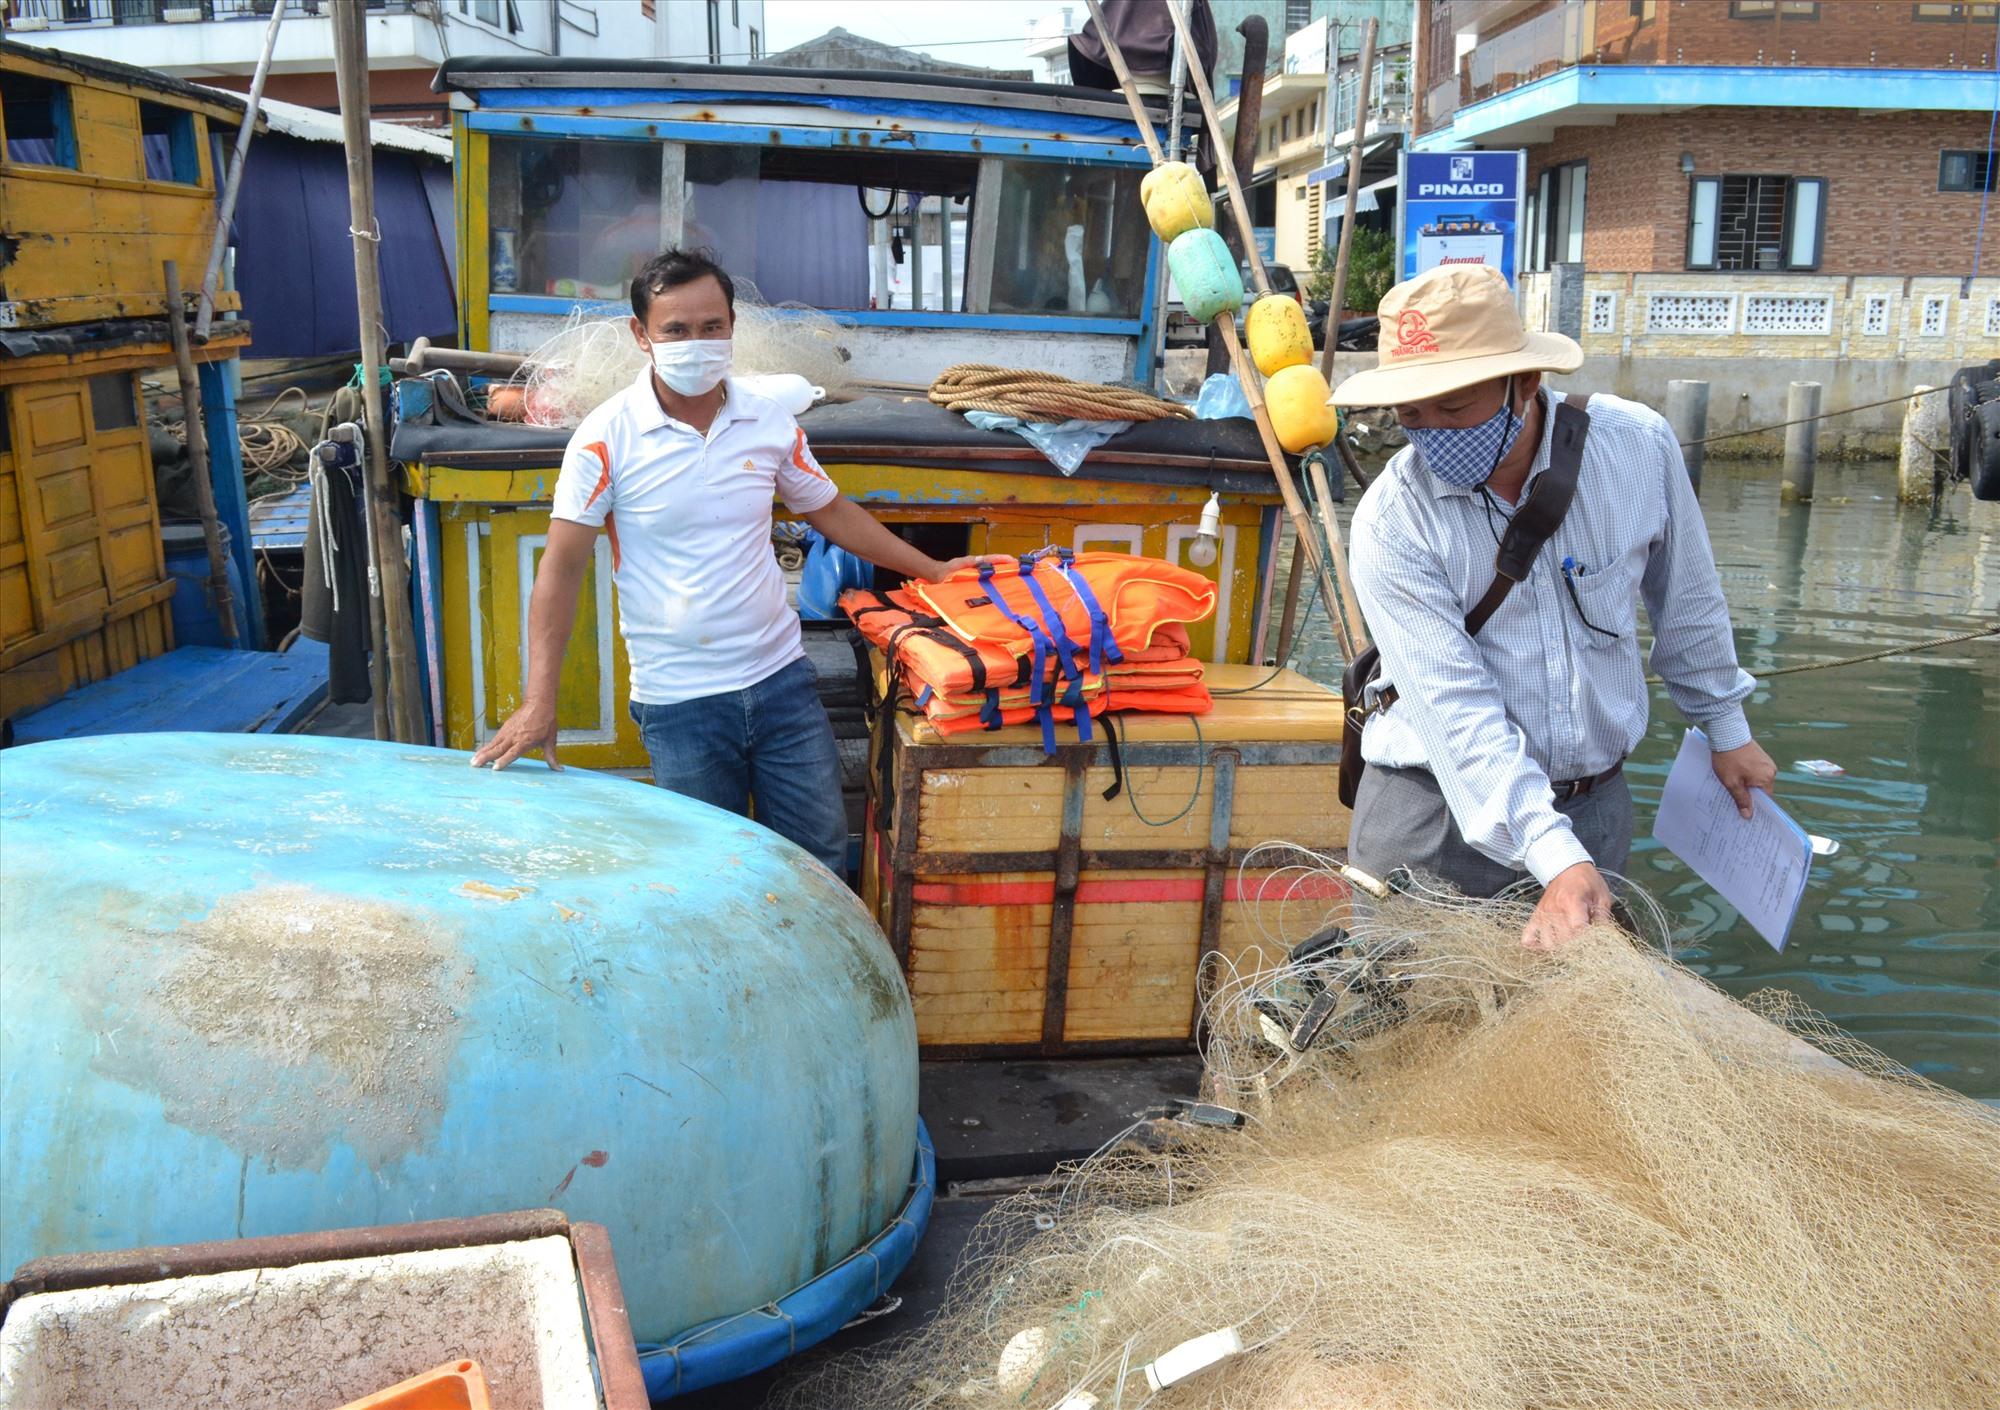 Đăng kiểm viên là cán bộ Chi cục Thủy sản Quảng Nam thực hiện đăng kiểm trên tàu cá của ngư dân huyện Núi Thành. Ảnh: VIỆT NGUYỄN